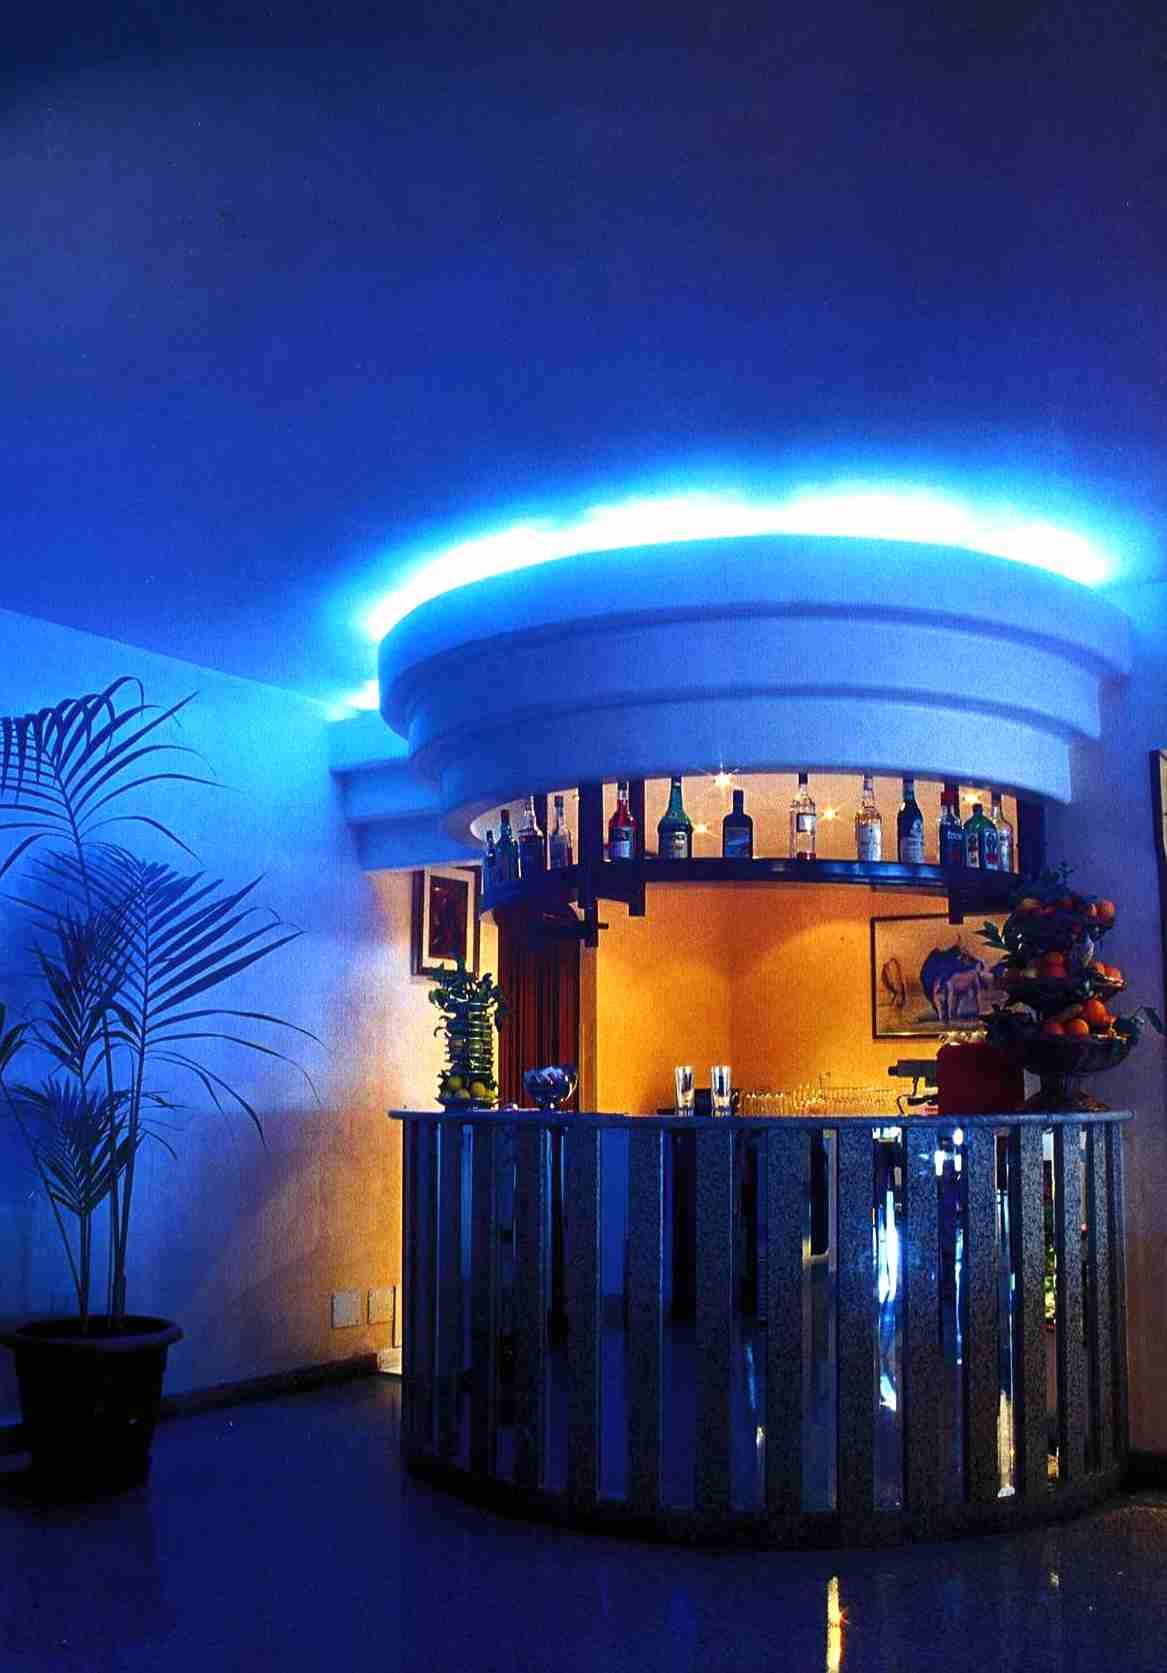 hotel terrazzo sul mare a Tropeavacanza a tropea in CalabriaKalabrien in Italysud italiacapo